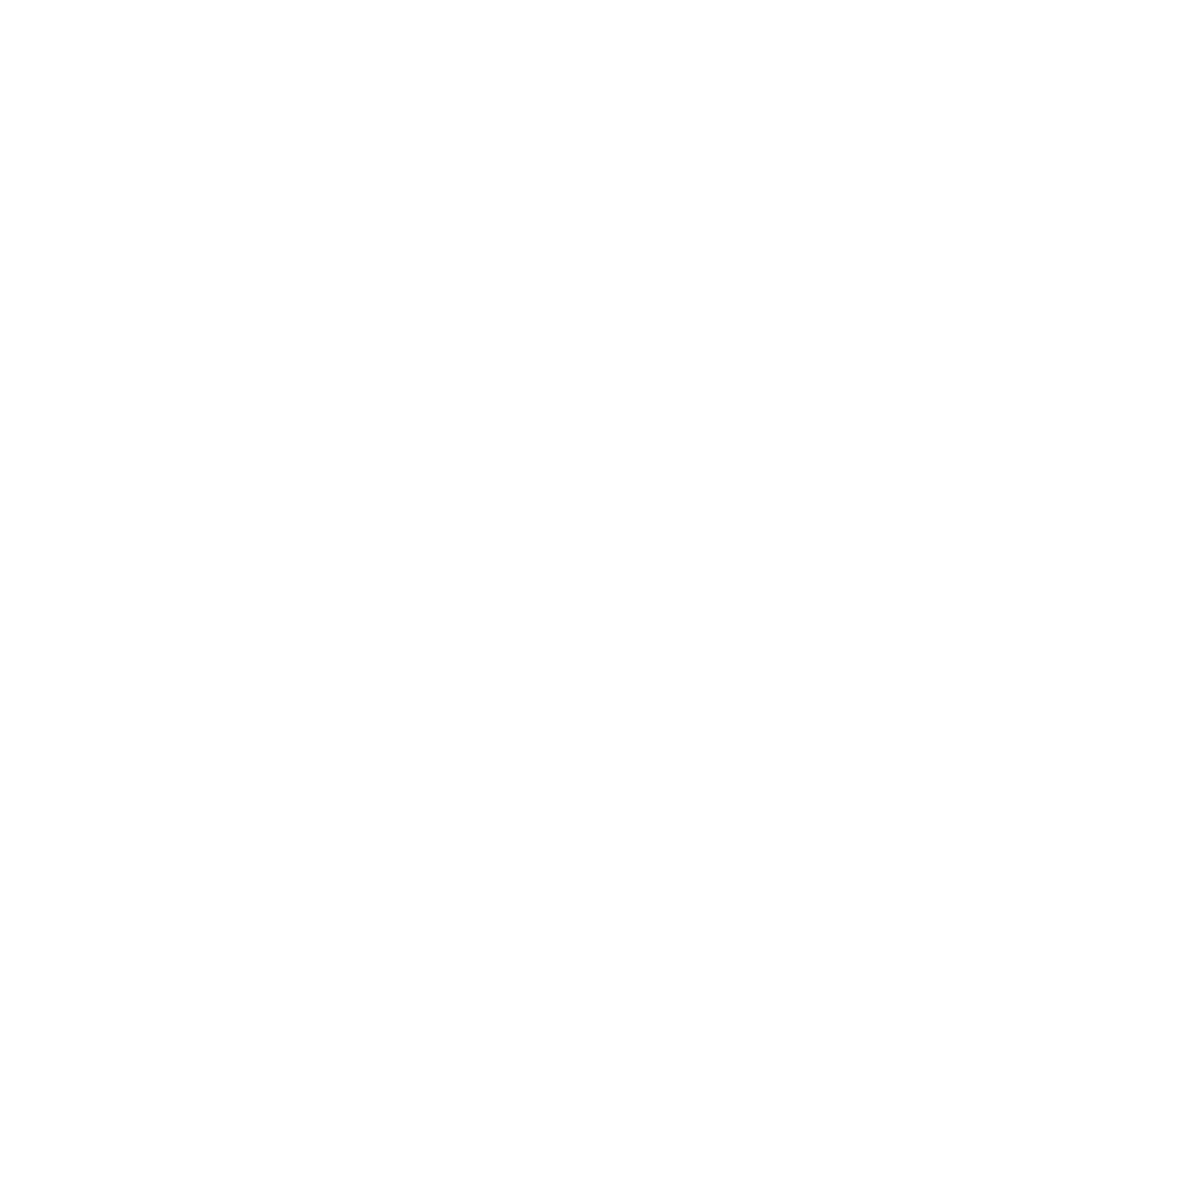 logo_truechicken